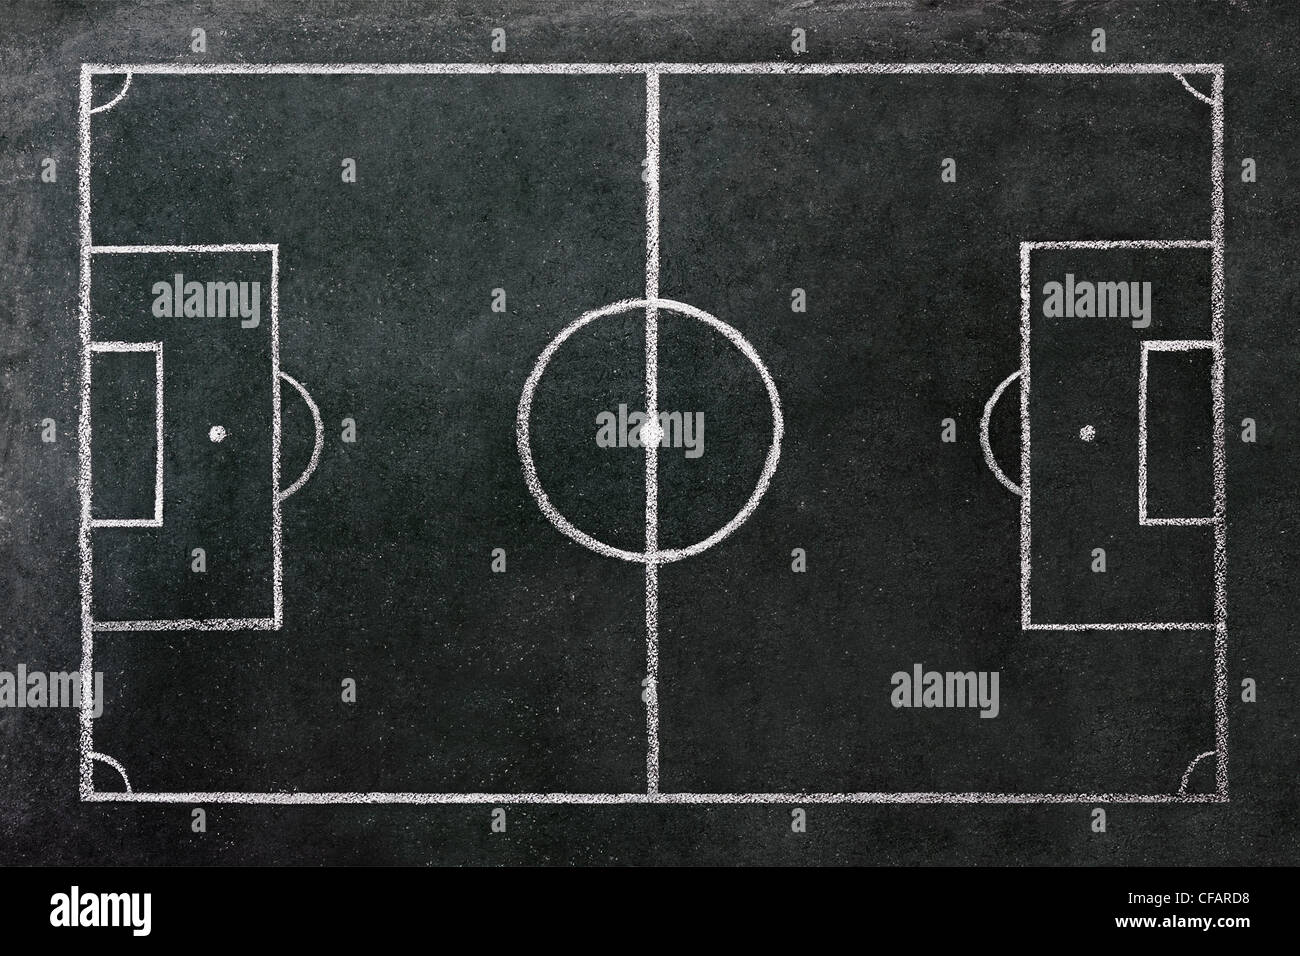 Campo di calcio disegnato su una lavagna. Immagini Stock